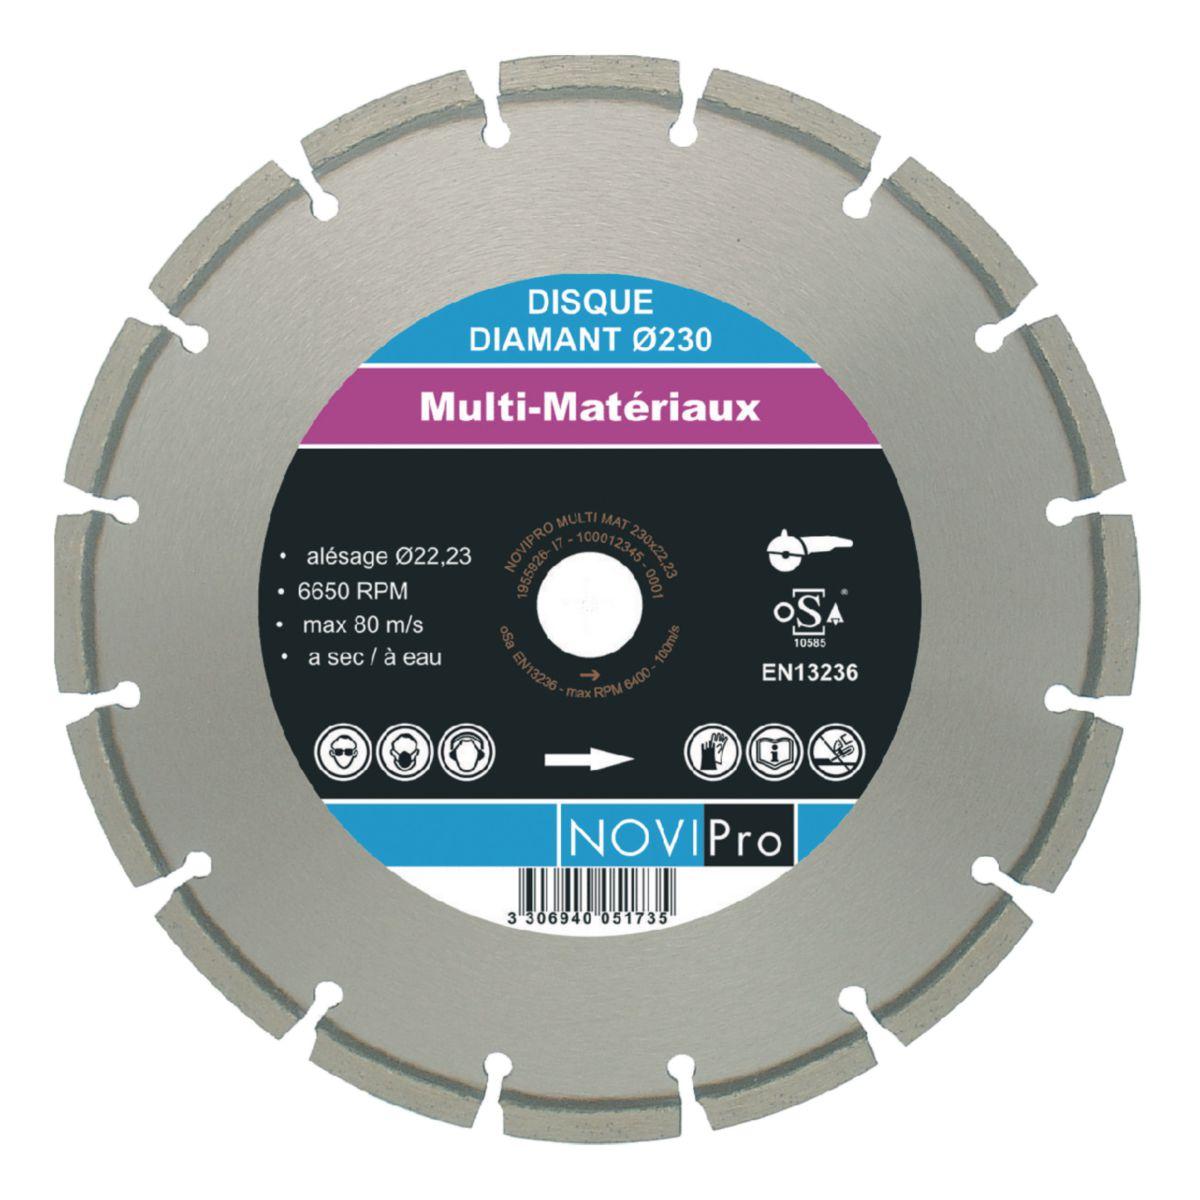 Disque diamant multi-matériaux NOVIPro diamètre 125mm alésage 22,23mm